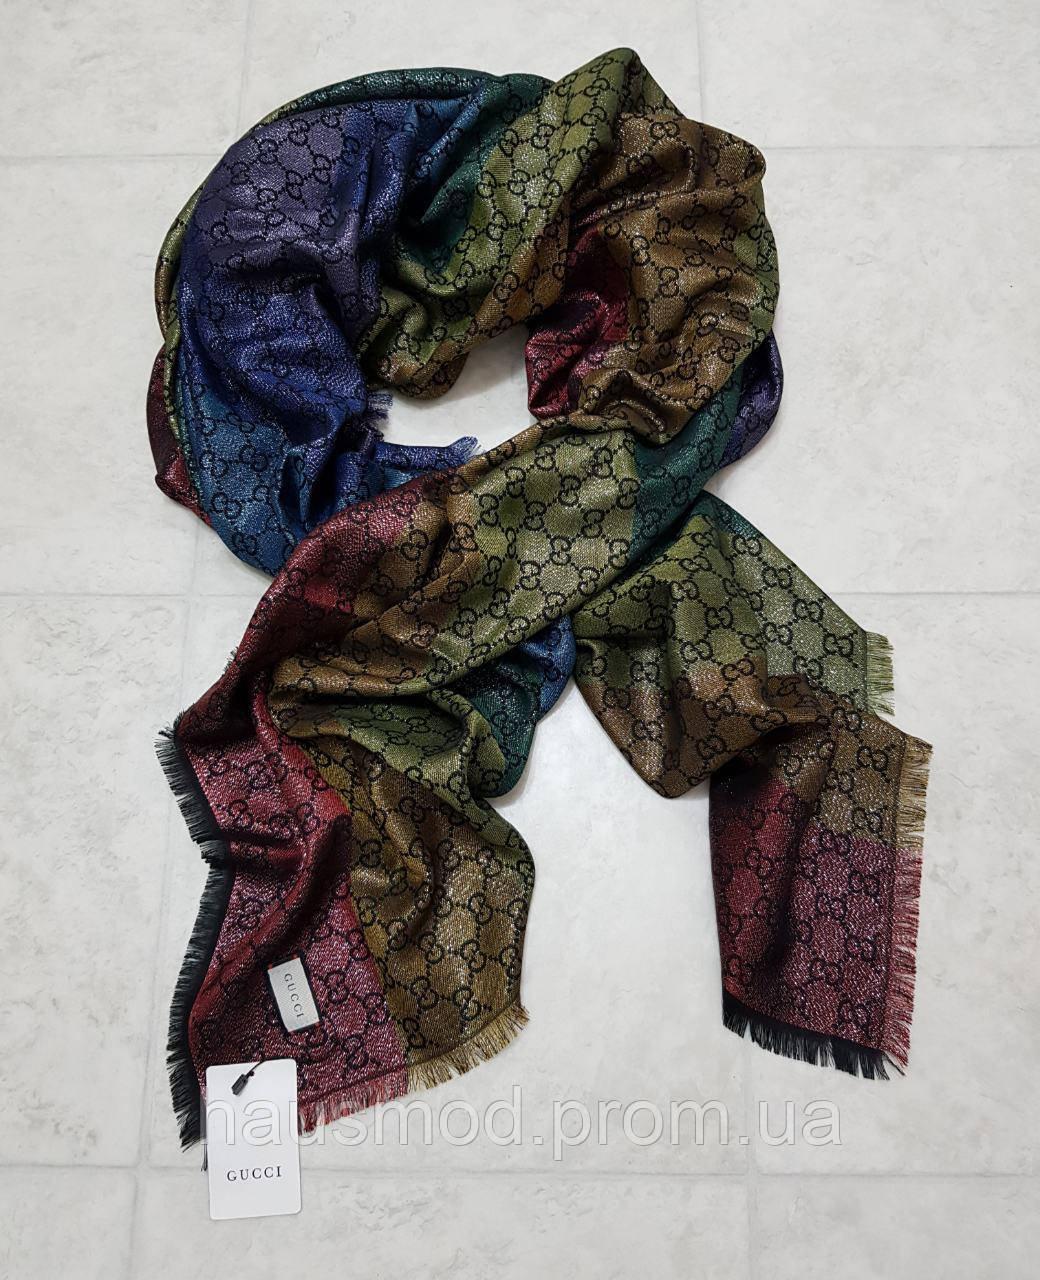 Женский платок шаль брендовый реплика Gucci 65% шелк, 35% кашемир + люрекс размер 1.45×1.45 см хамелеон 1